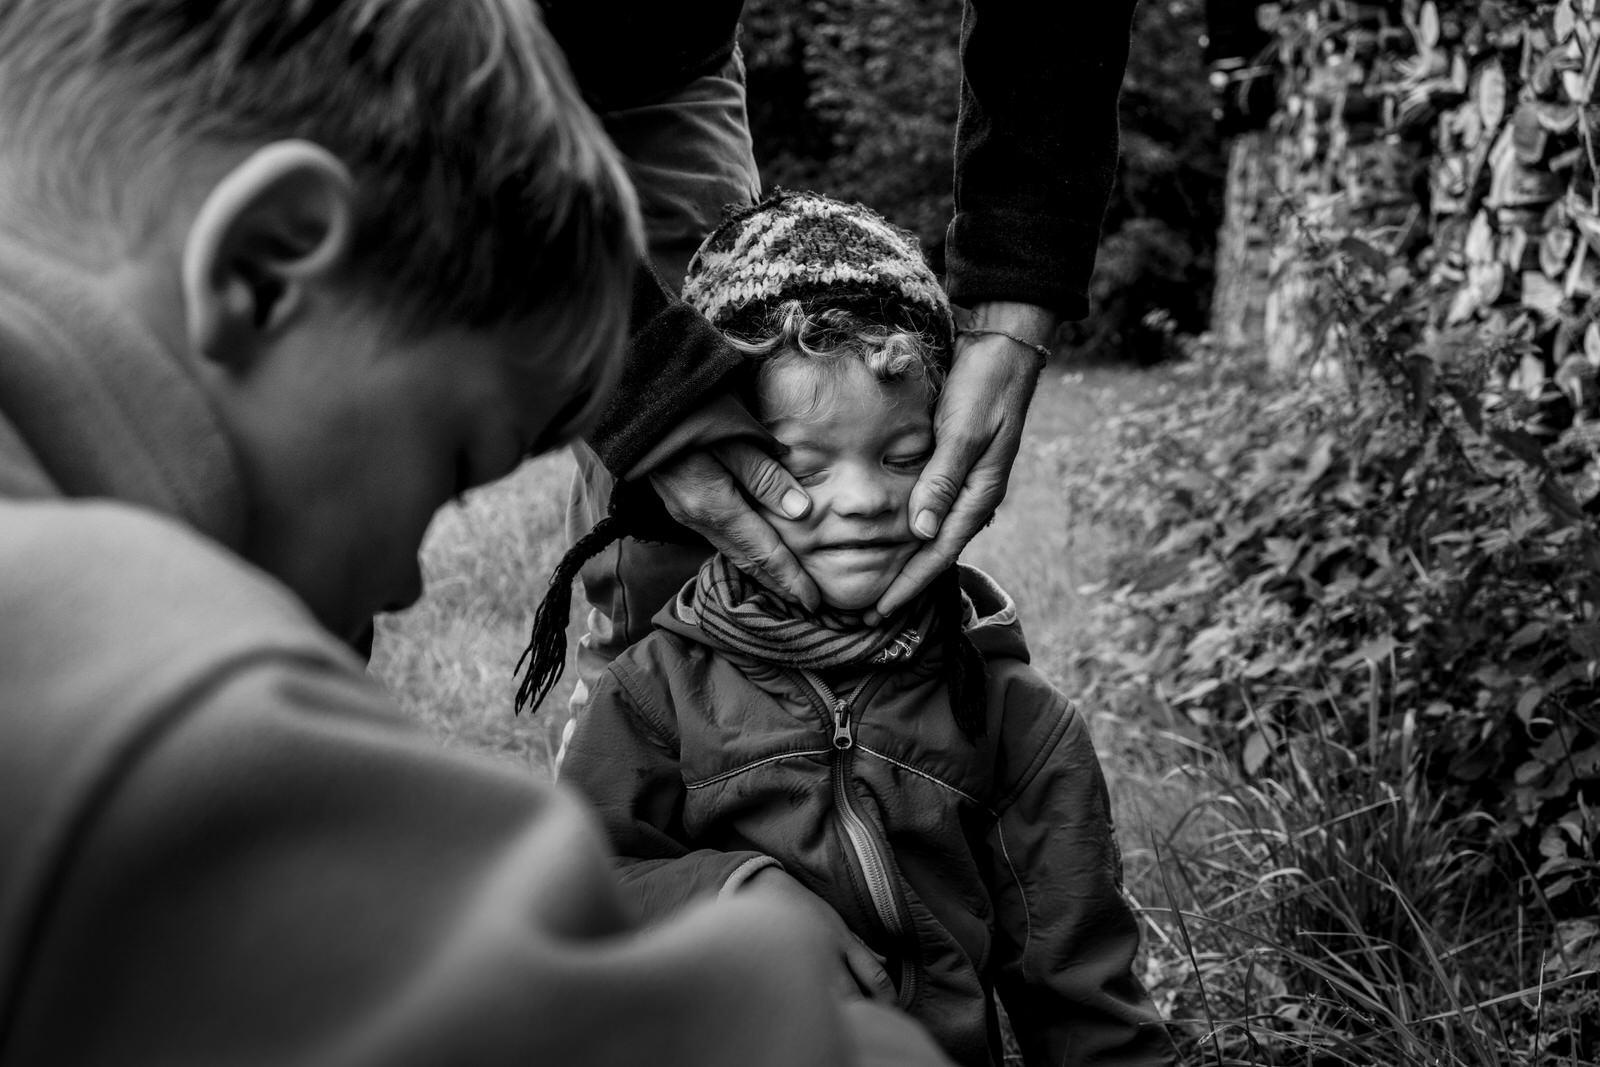 Junge zieht Grimasse - Familienfotografin unterwegs | Familienfotos drinnen und draussen